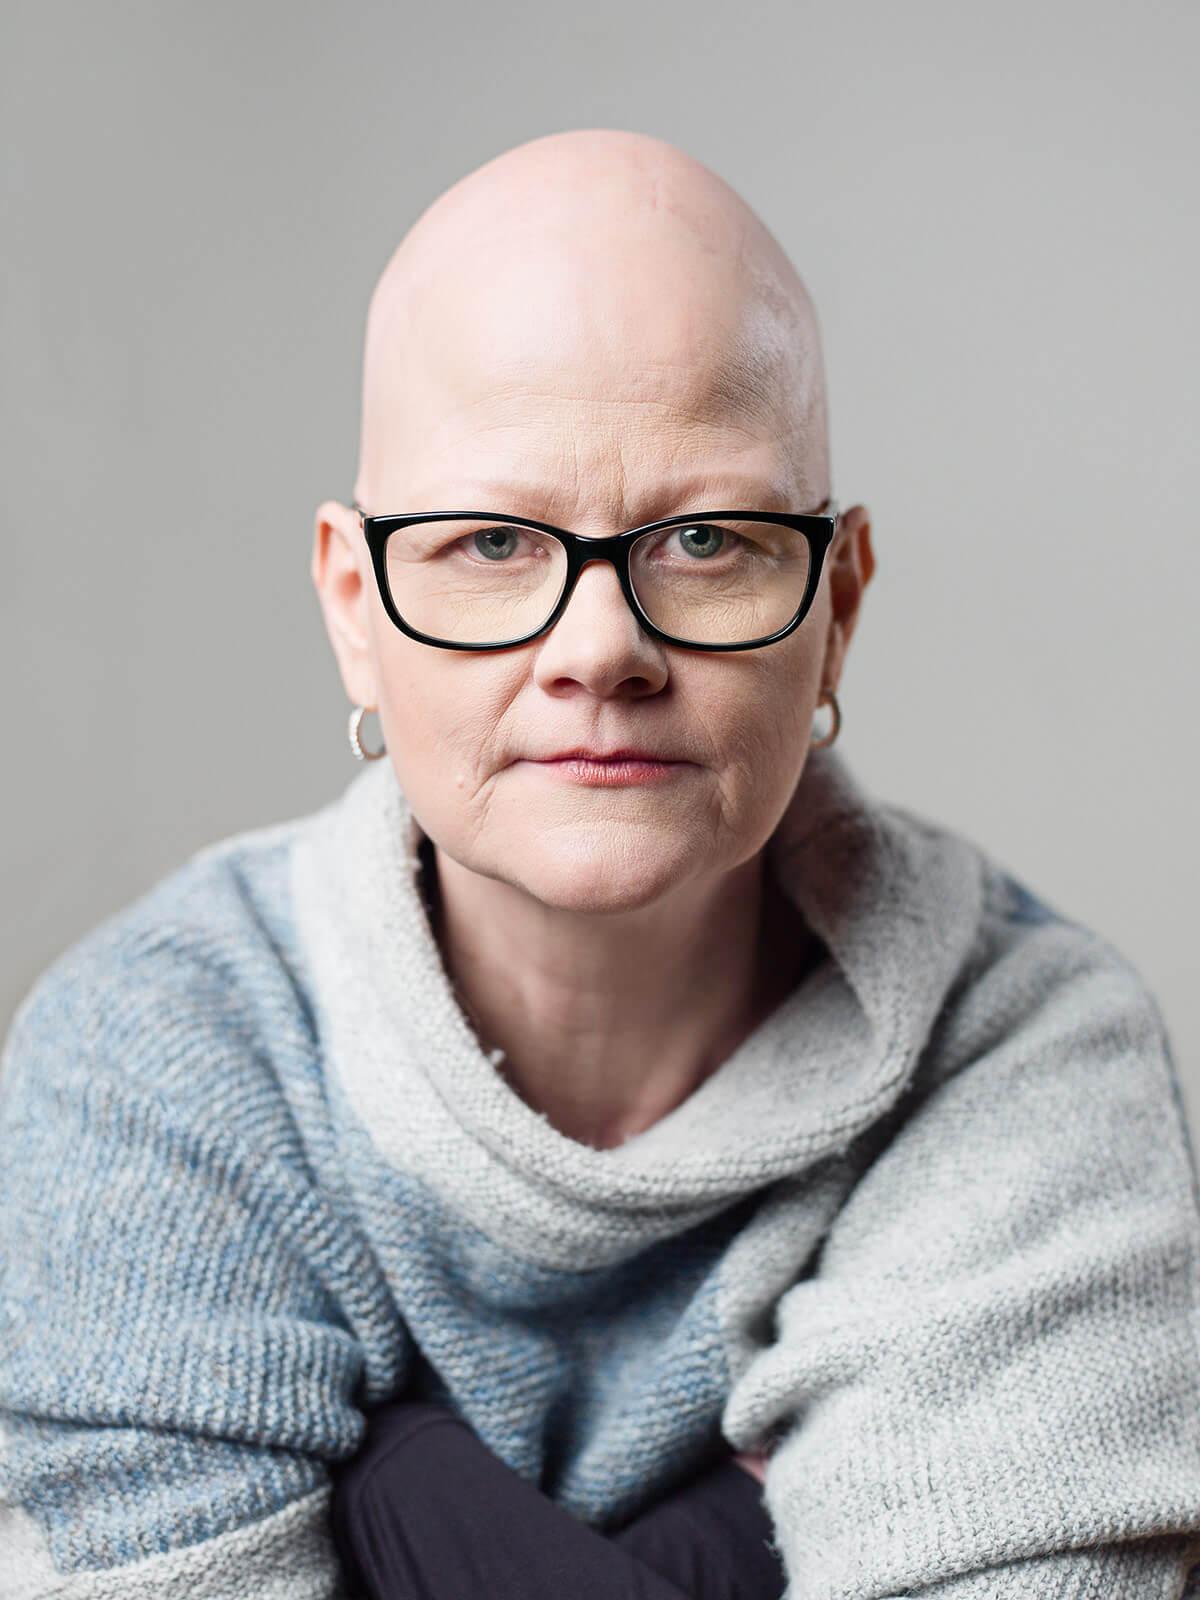 alopecia nuorella